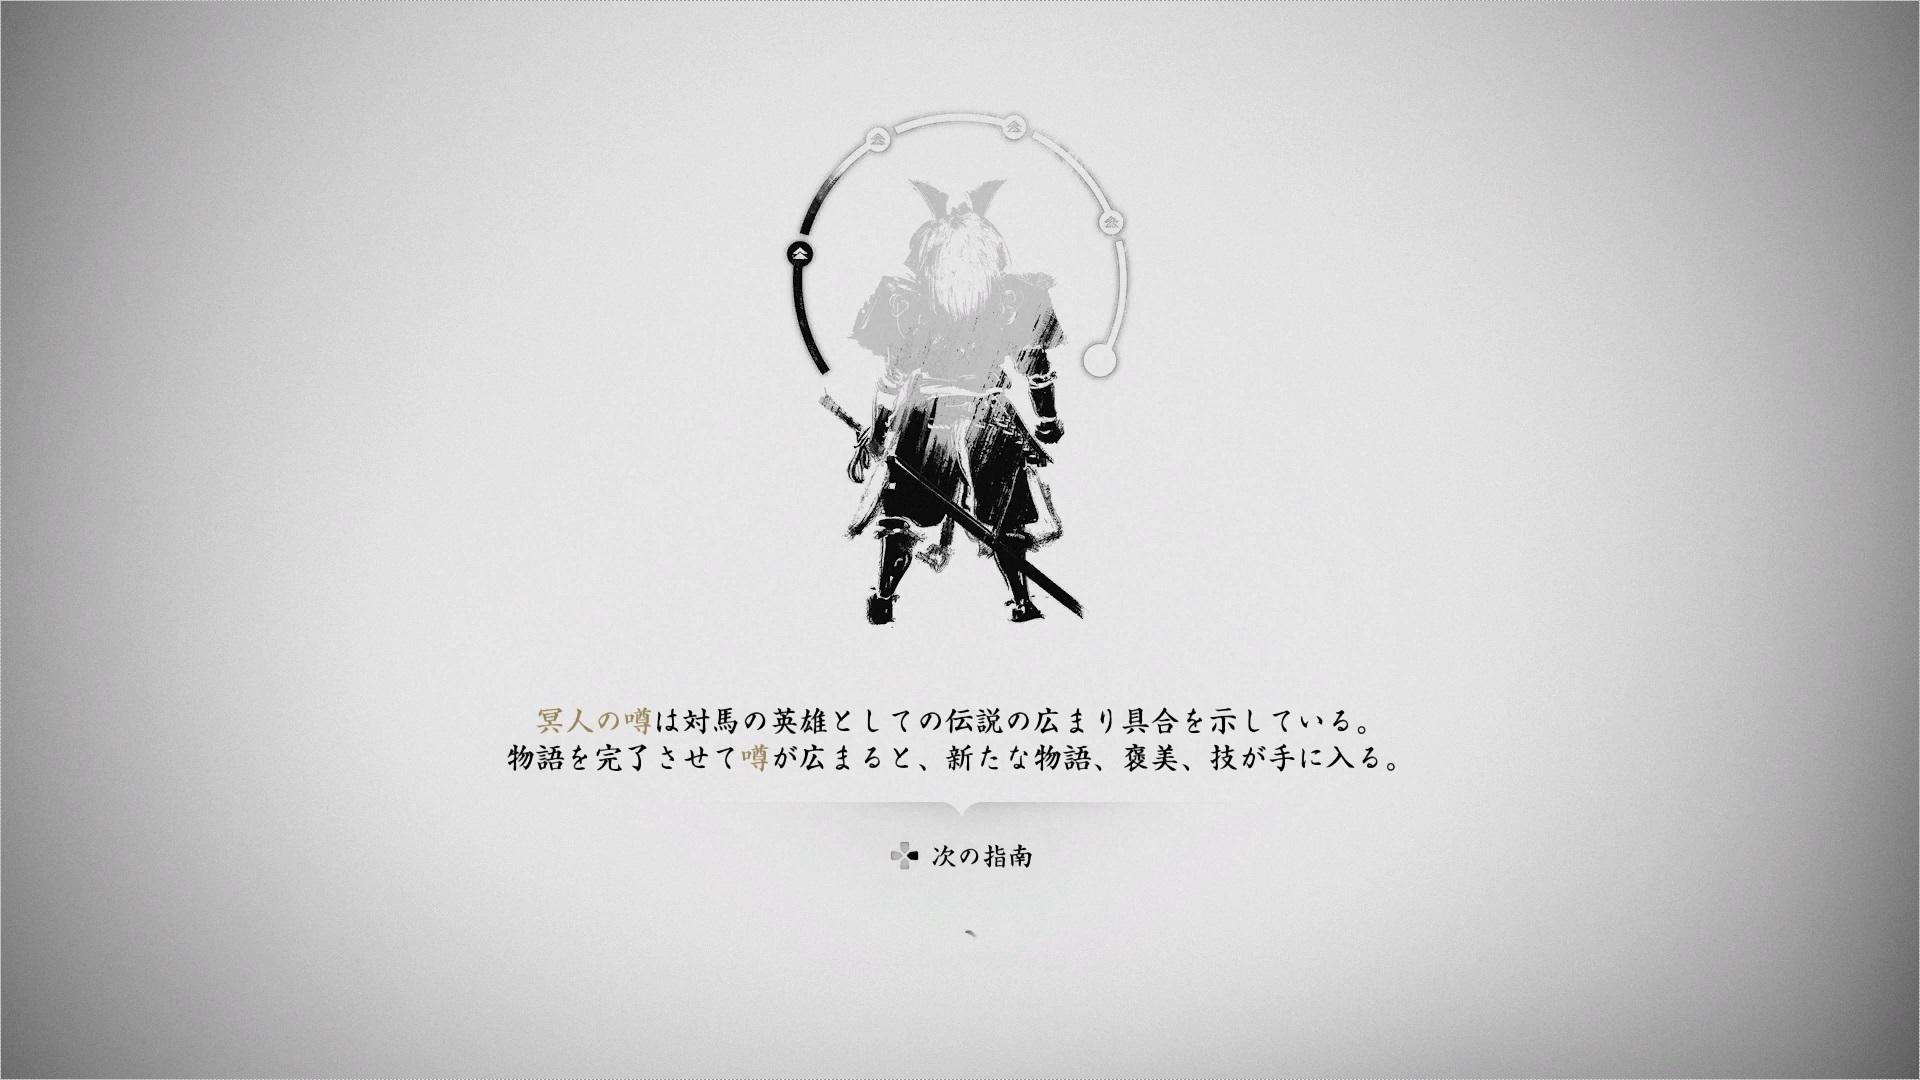 冥人の噂は対馬の英雄としての伝説の広まり具合を示している。物語を完了させて噂が広まると、新たな物語、褒美、技が手に入る。